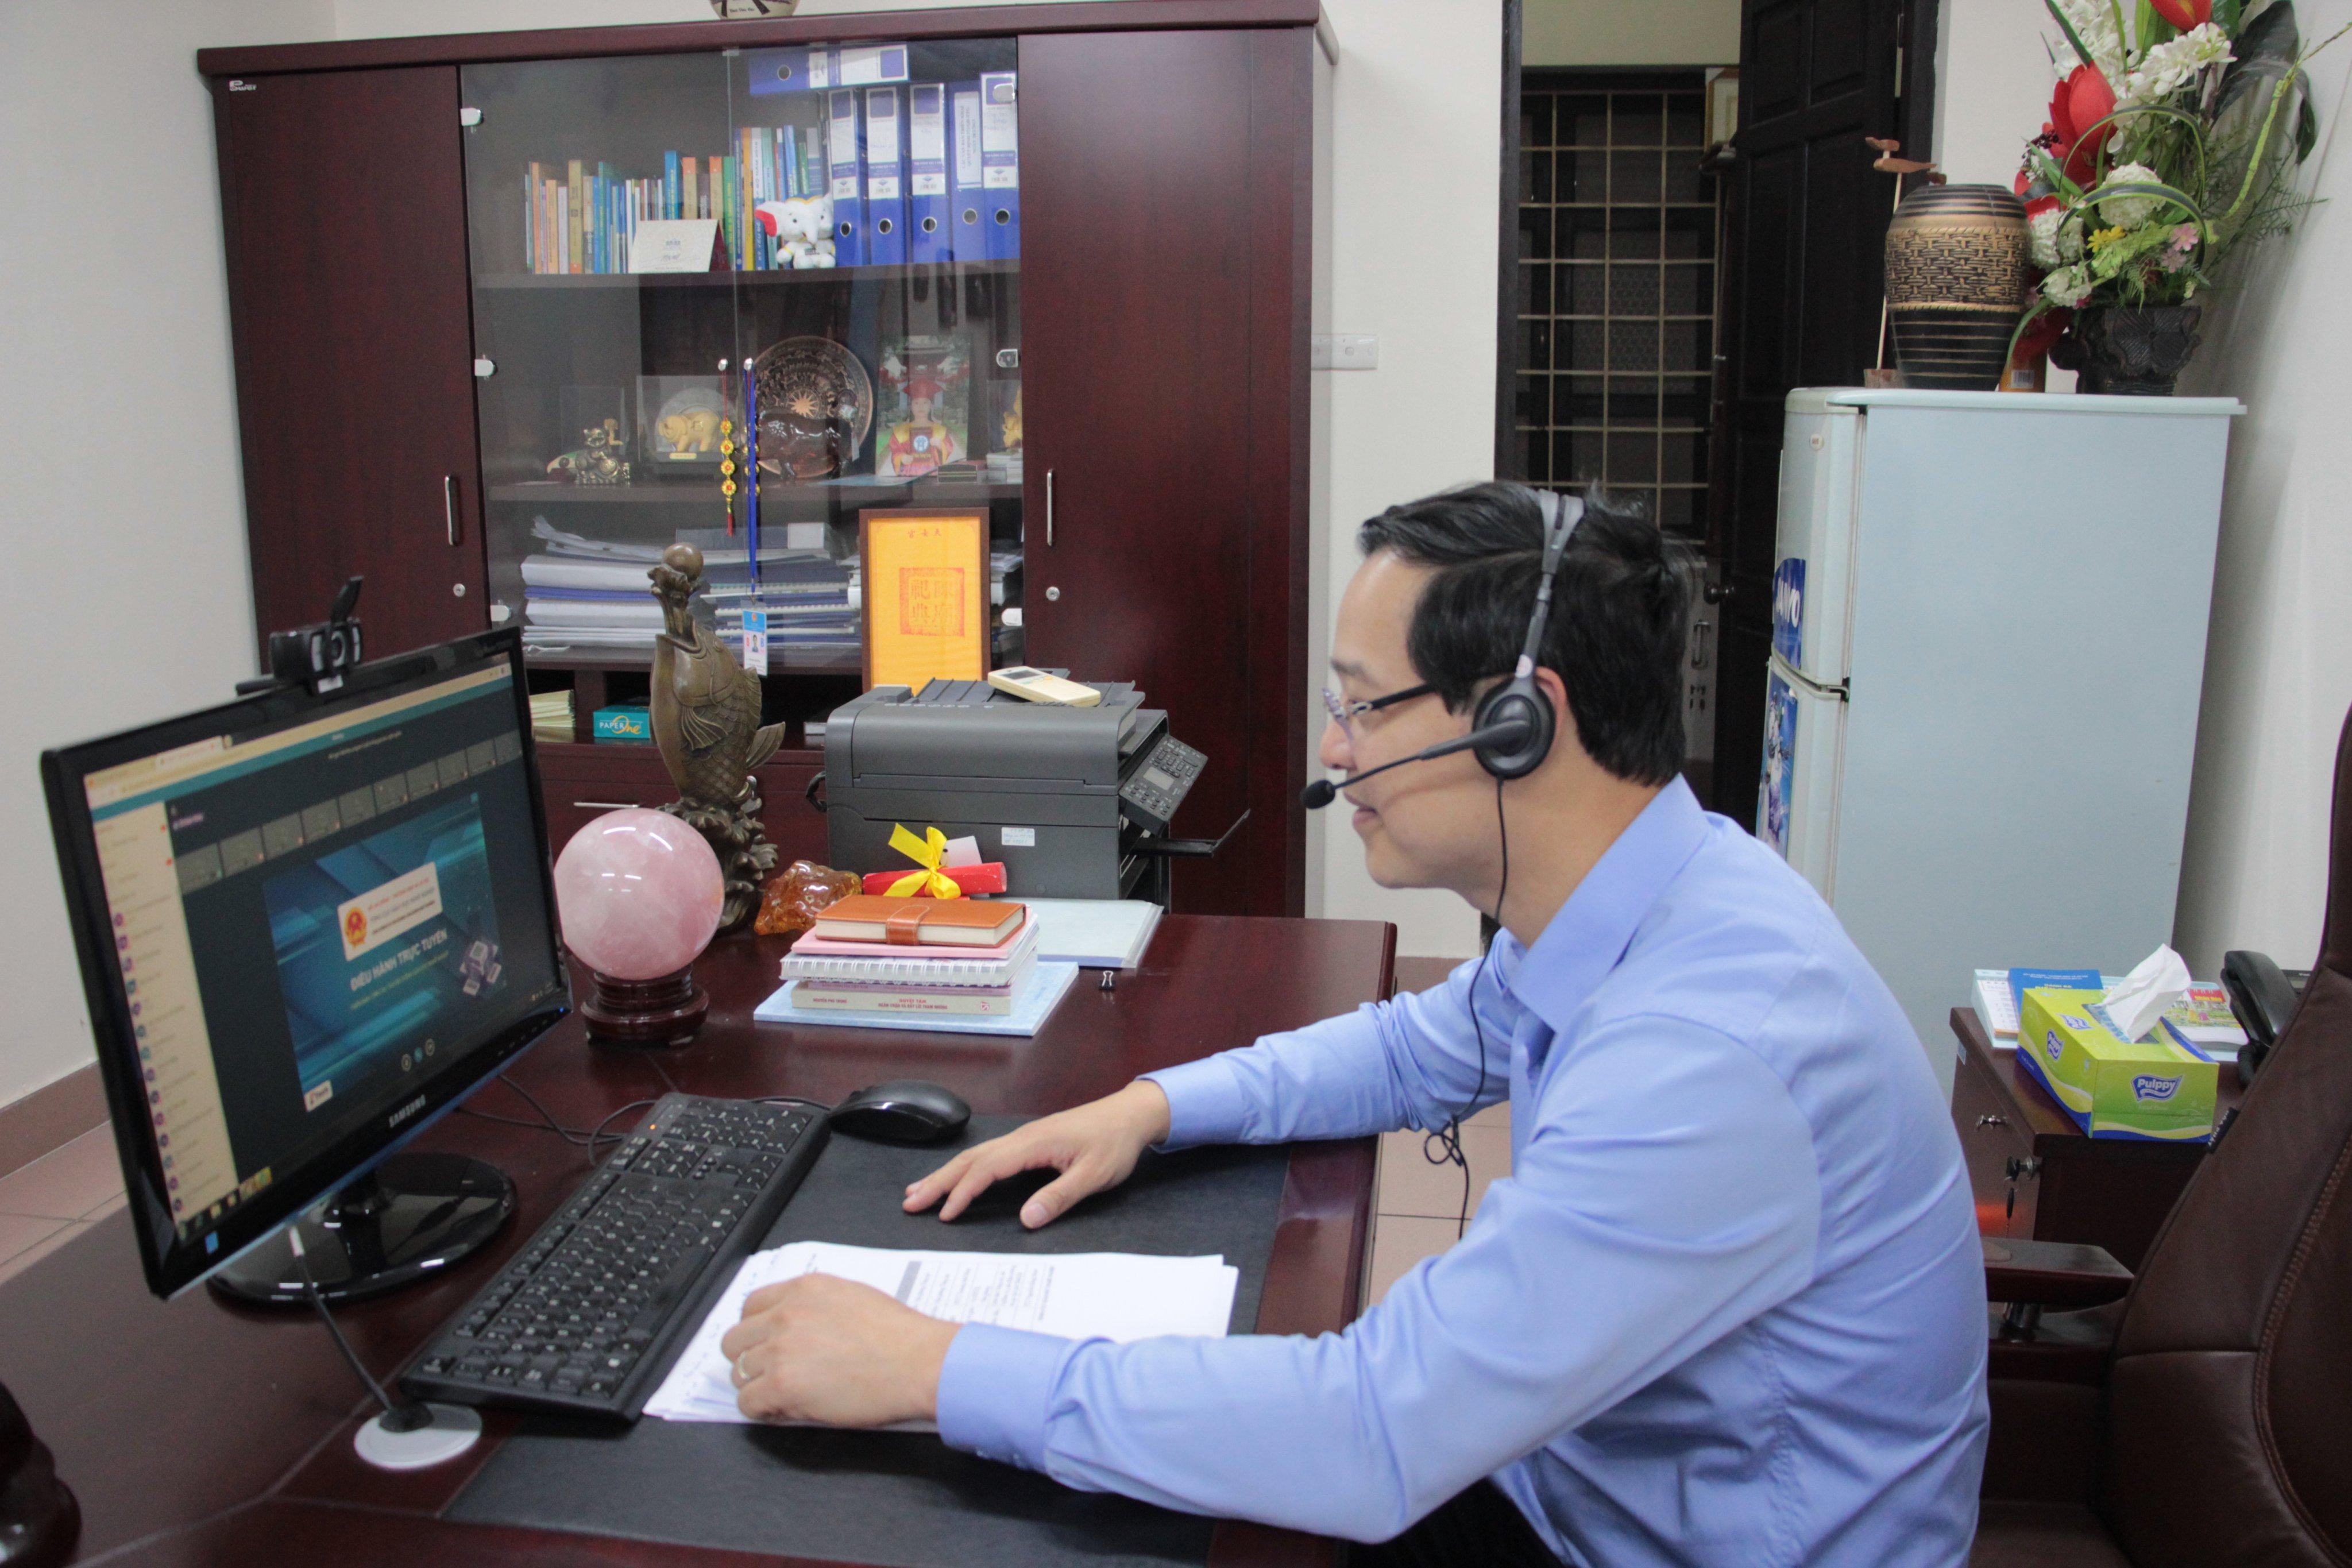 Phó Tổng Cục trưởng Tổng cục Giáo dục nghề nghiệp Trương Anh Dũng phát biểu tại Hội nghị trực tuyến.